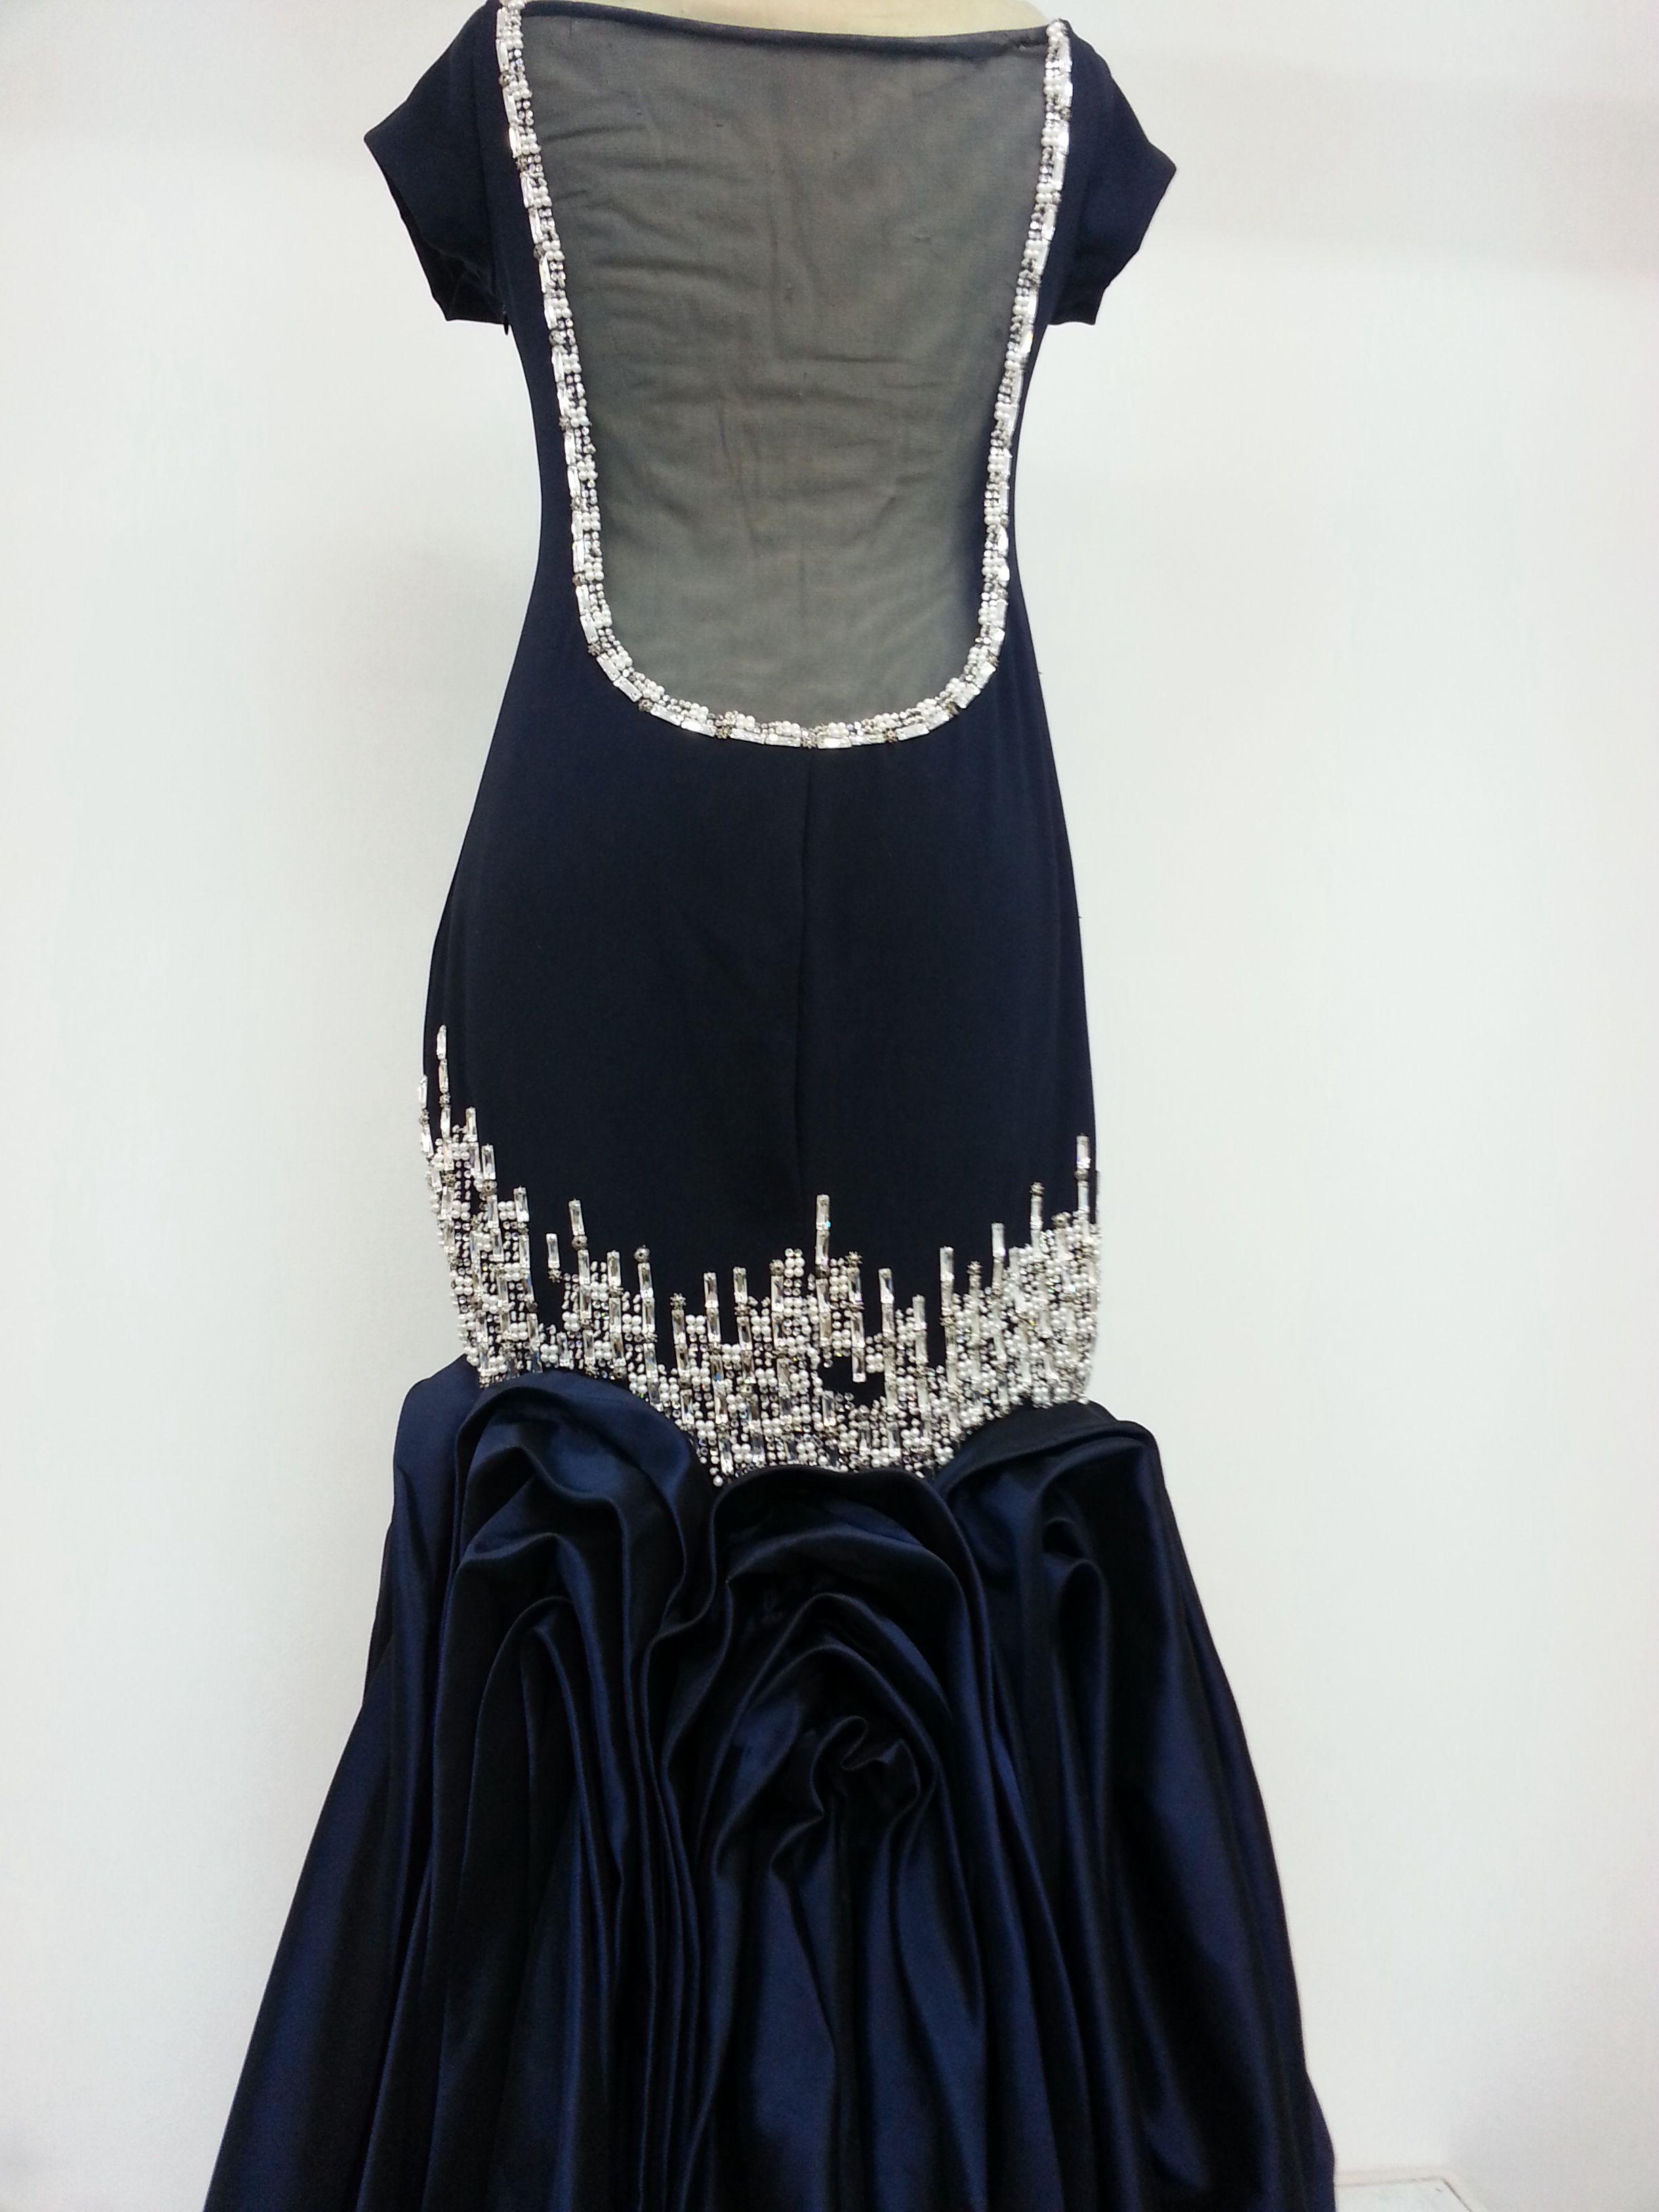 شمعة الجزيرة للازياء الرياض 0504407092 فساتين سهرة كحلي و فضي فستان Dresses